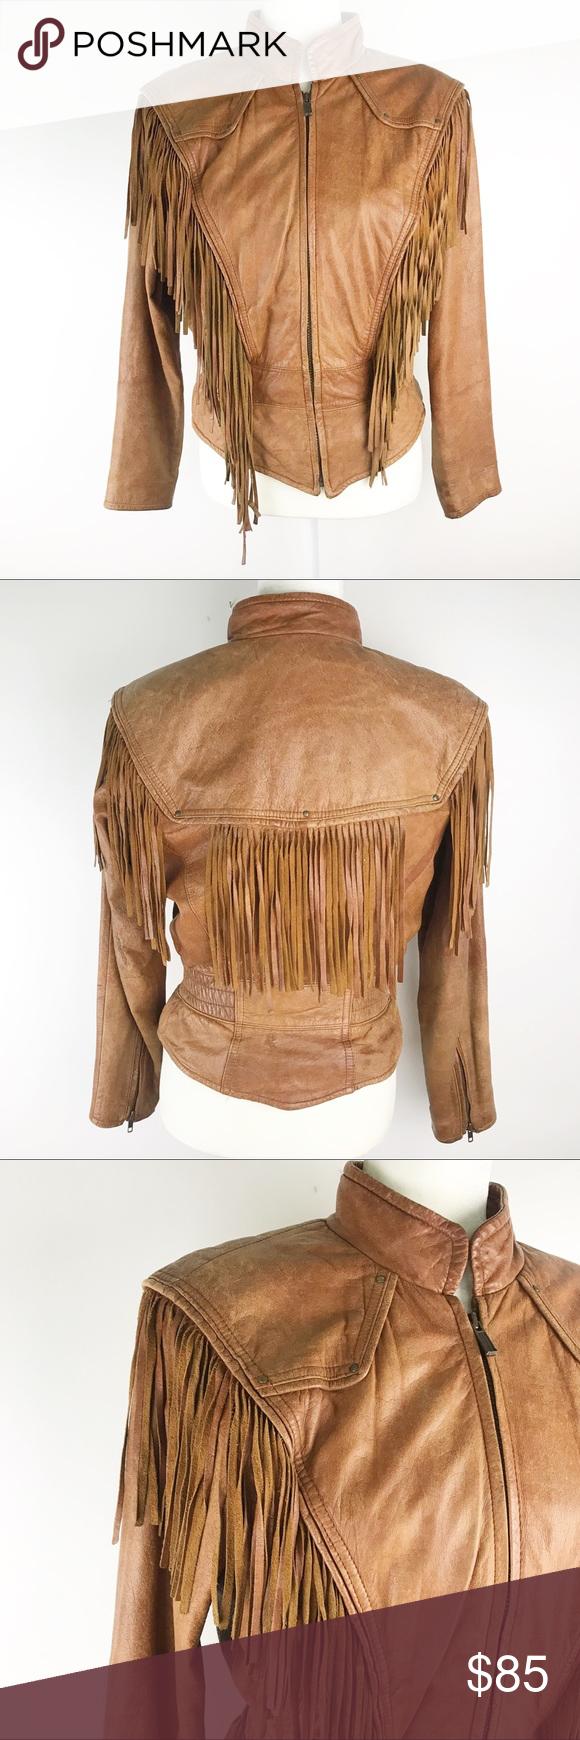 Wilson's Vintage Leather Fringe Boho Jacket S Amazing